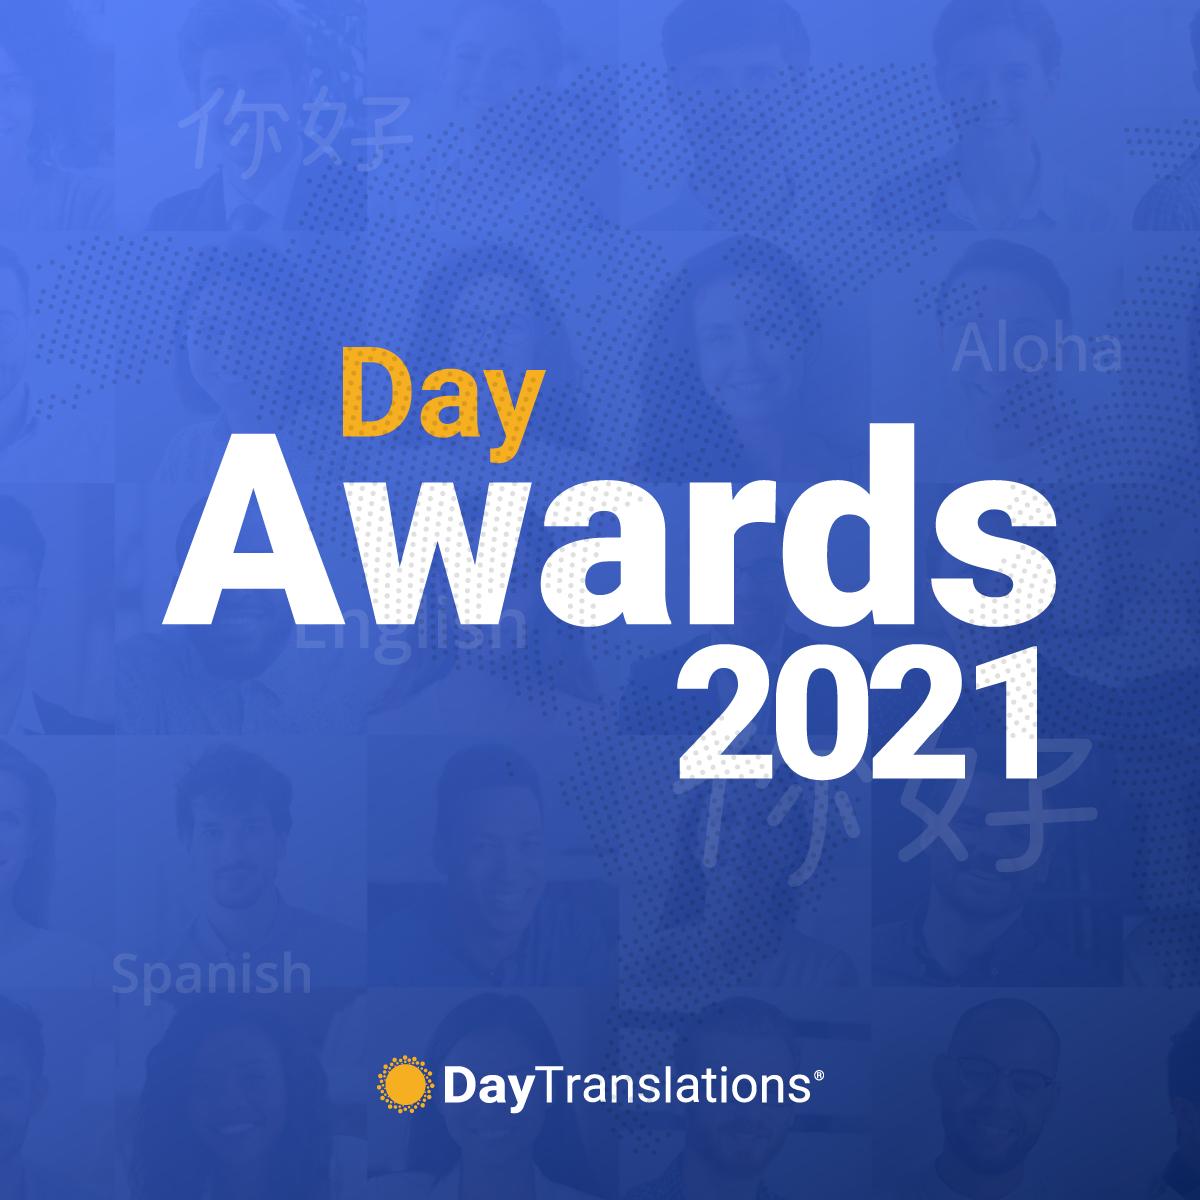 Dayawards 2021